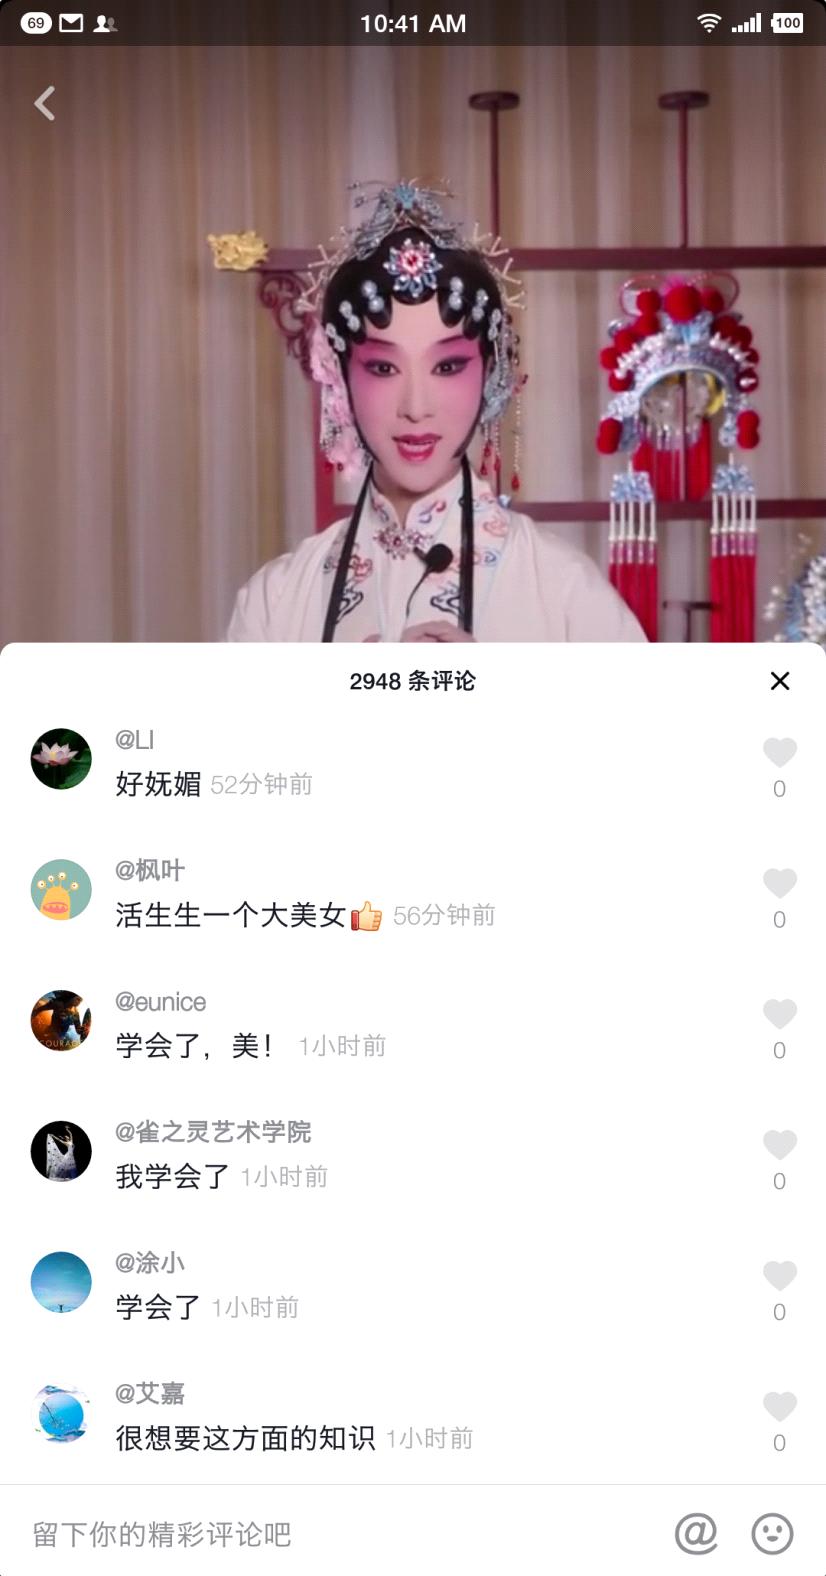 梅兰芳传人董飞:让传统文化走进年轻人心扉黎远康